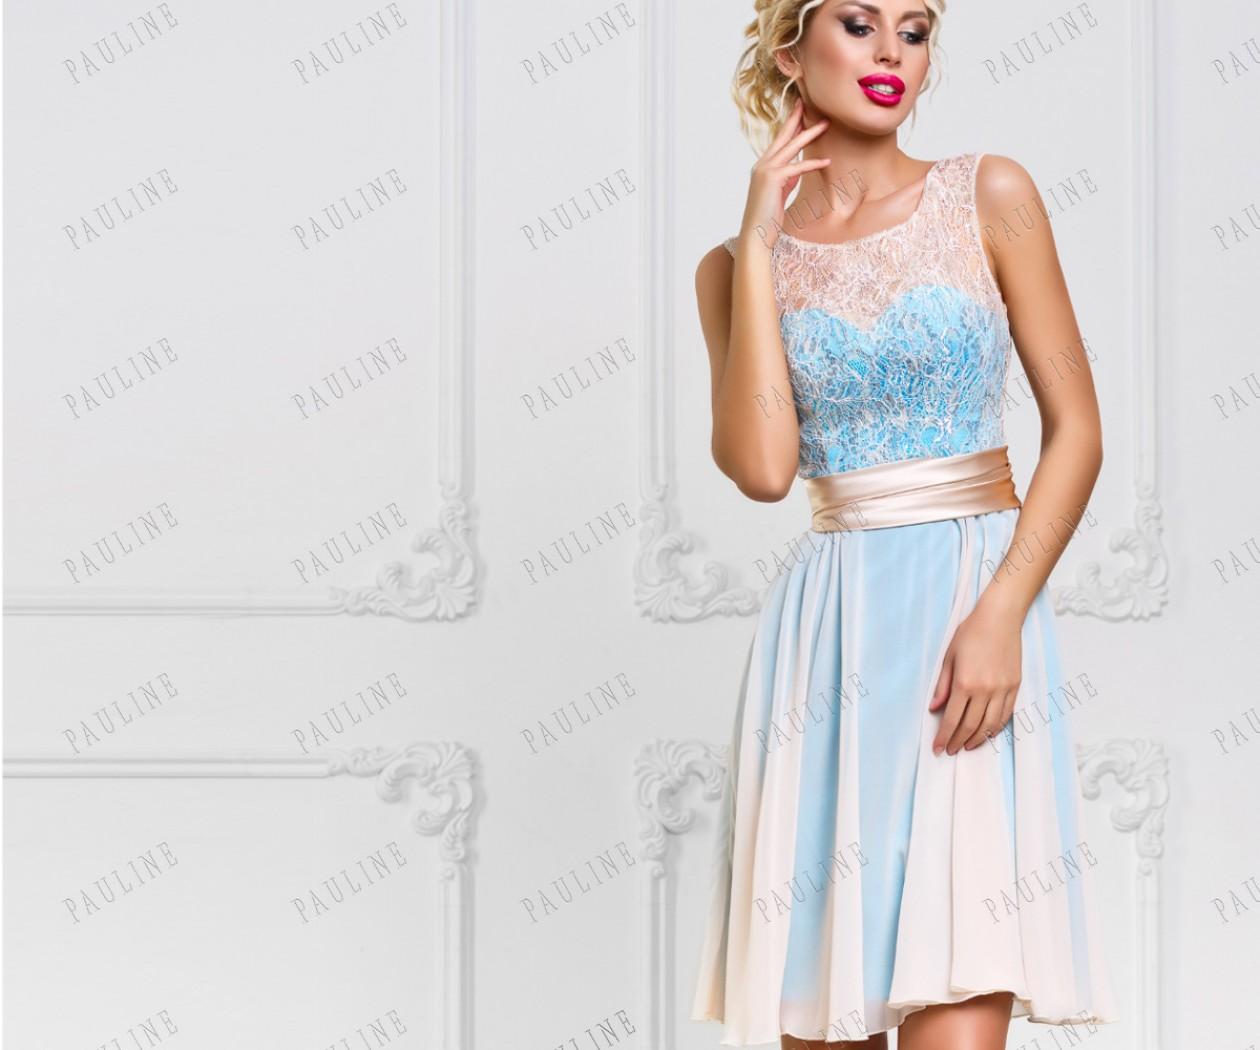 Изящное вечернее платье голубого цвета с ажурной сеточкой МЕГАН